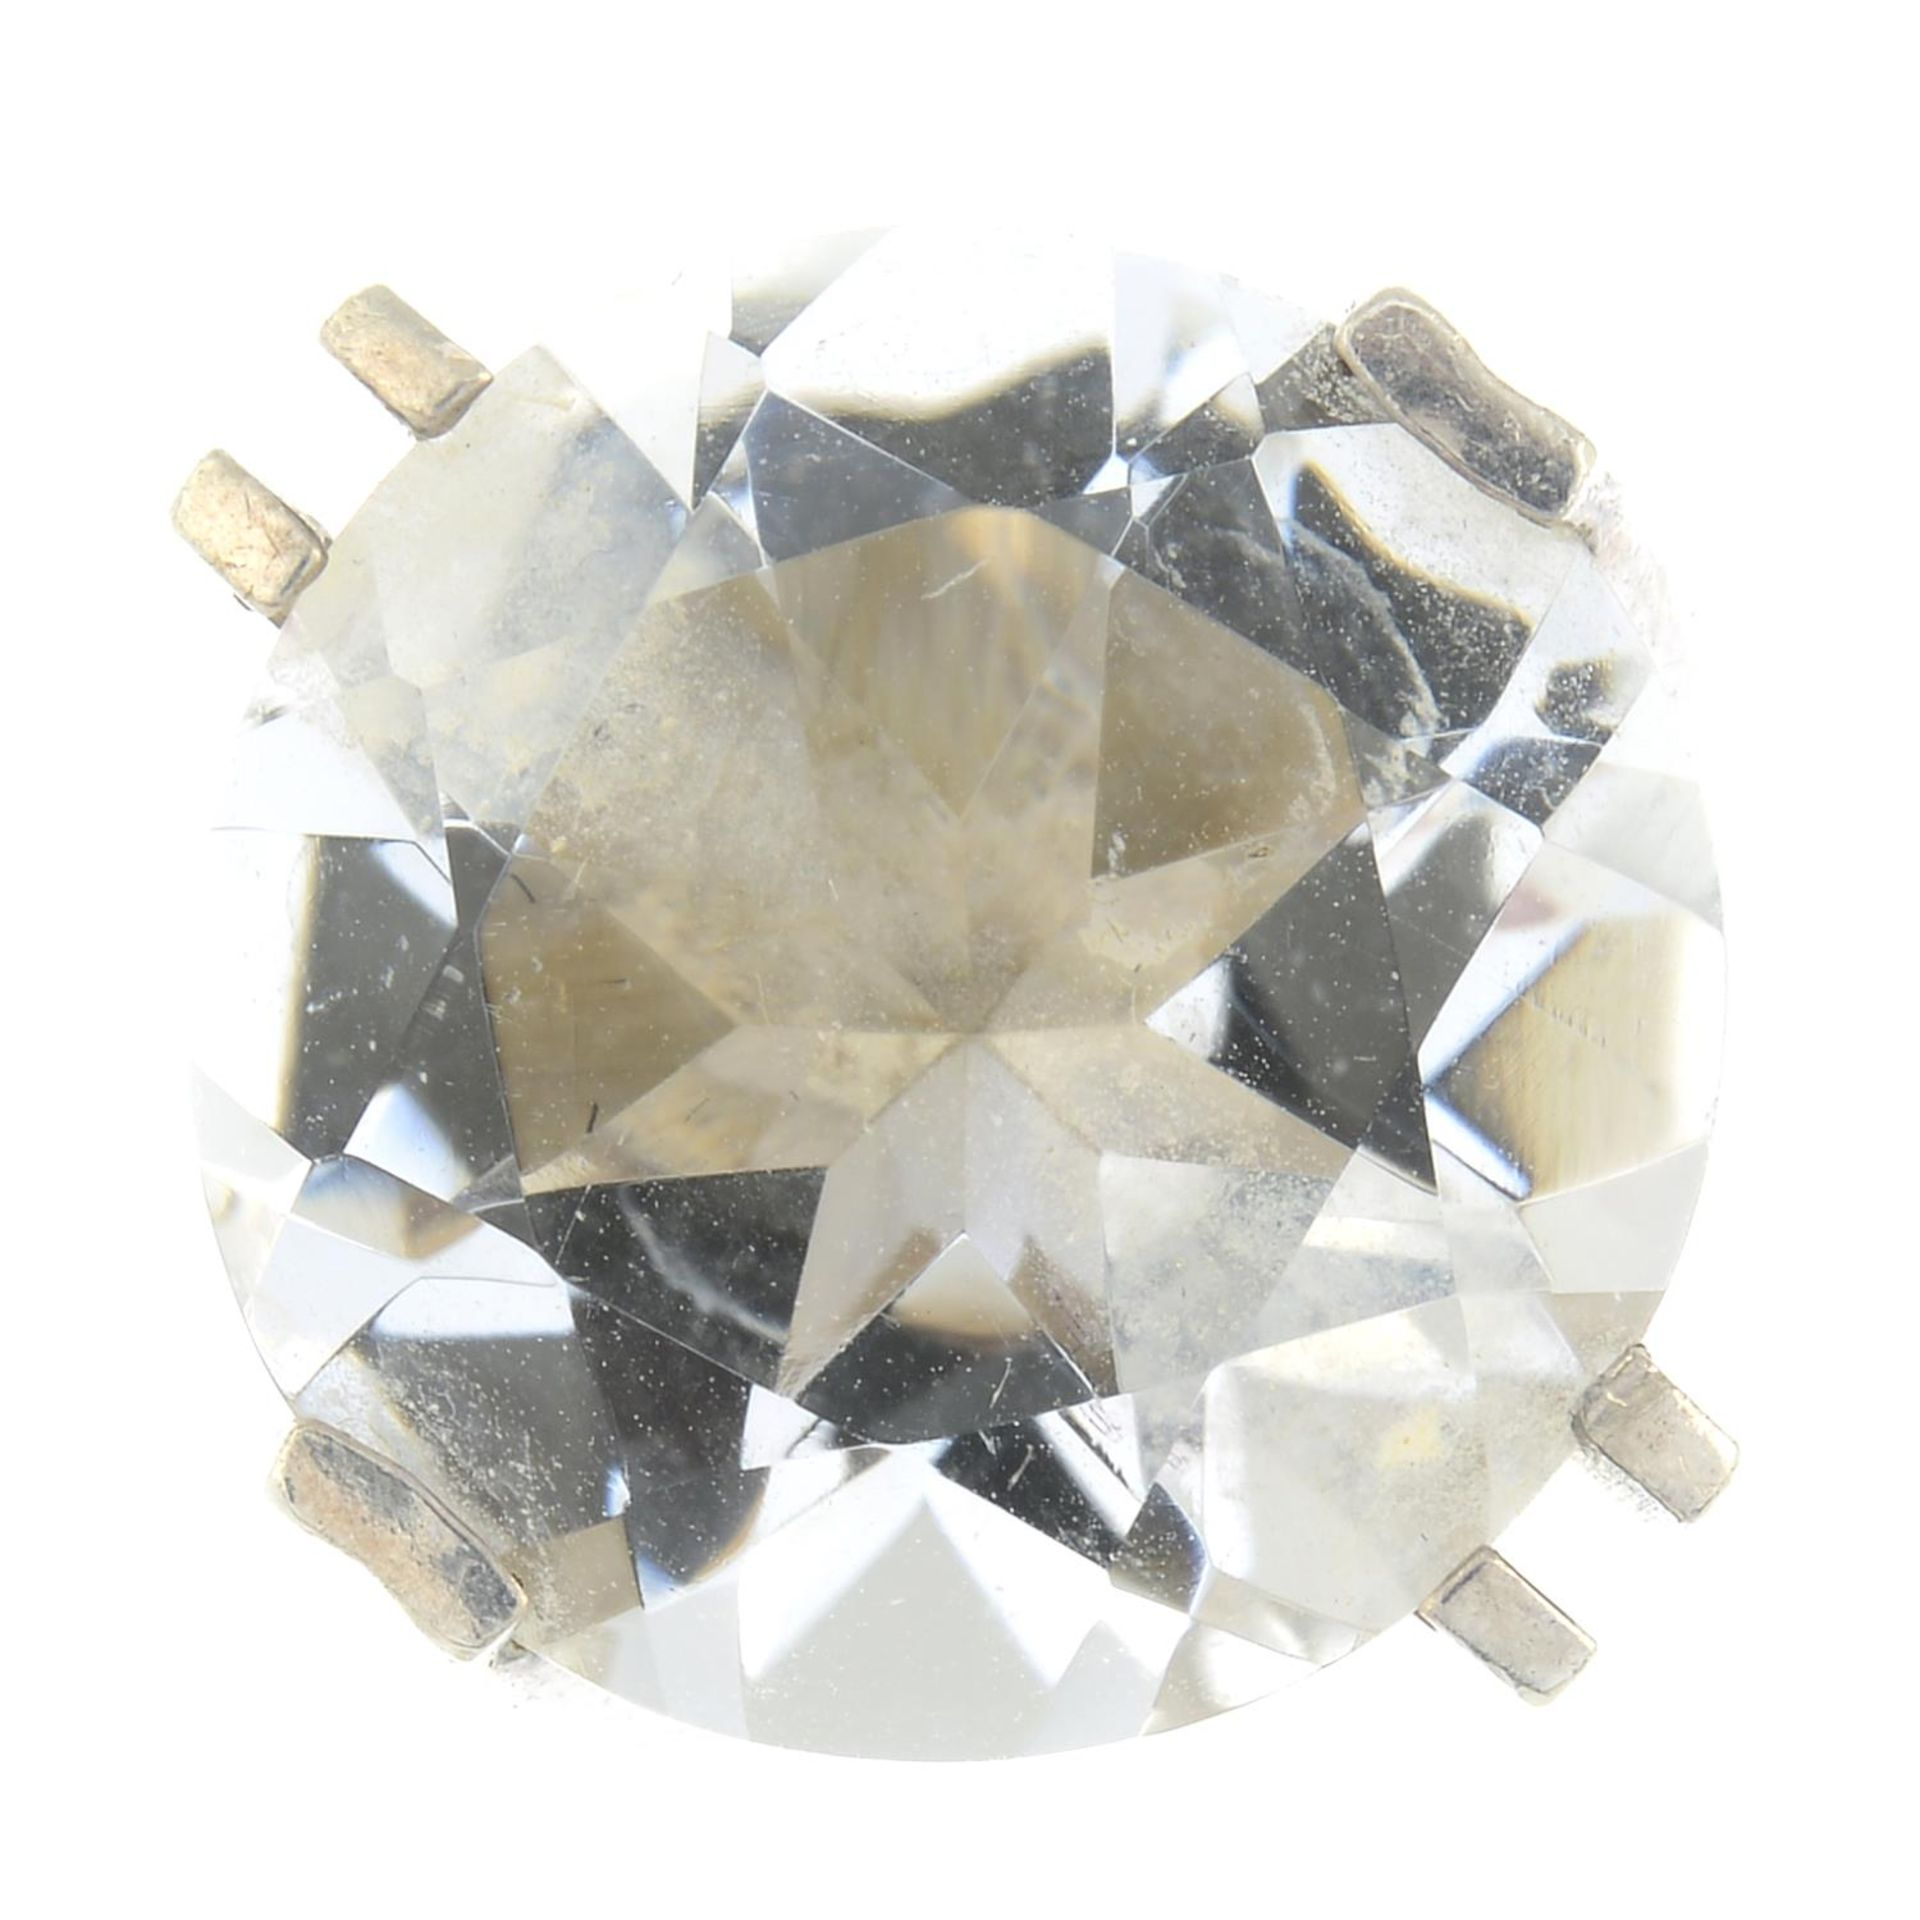 A Modernist quartz ring, by Elis Kauppi for Kupittan Kulta.With maker's marks for Kupittan Kulta.